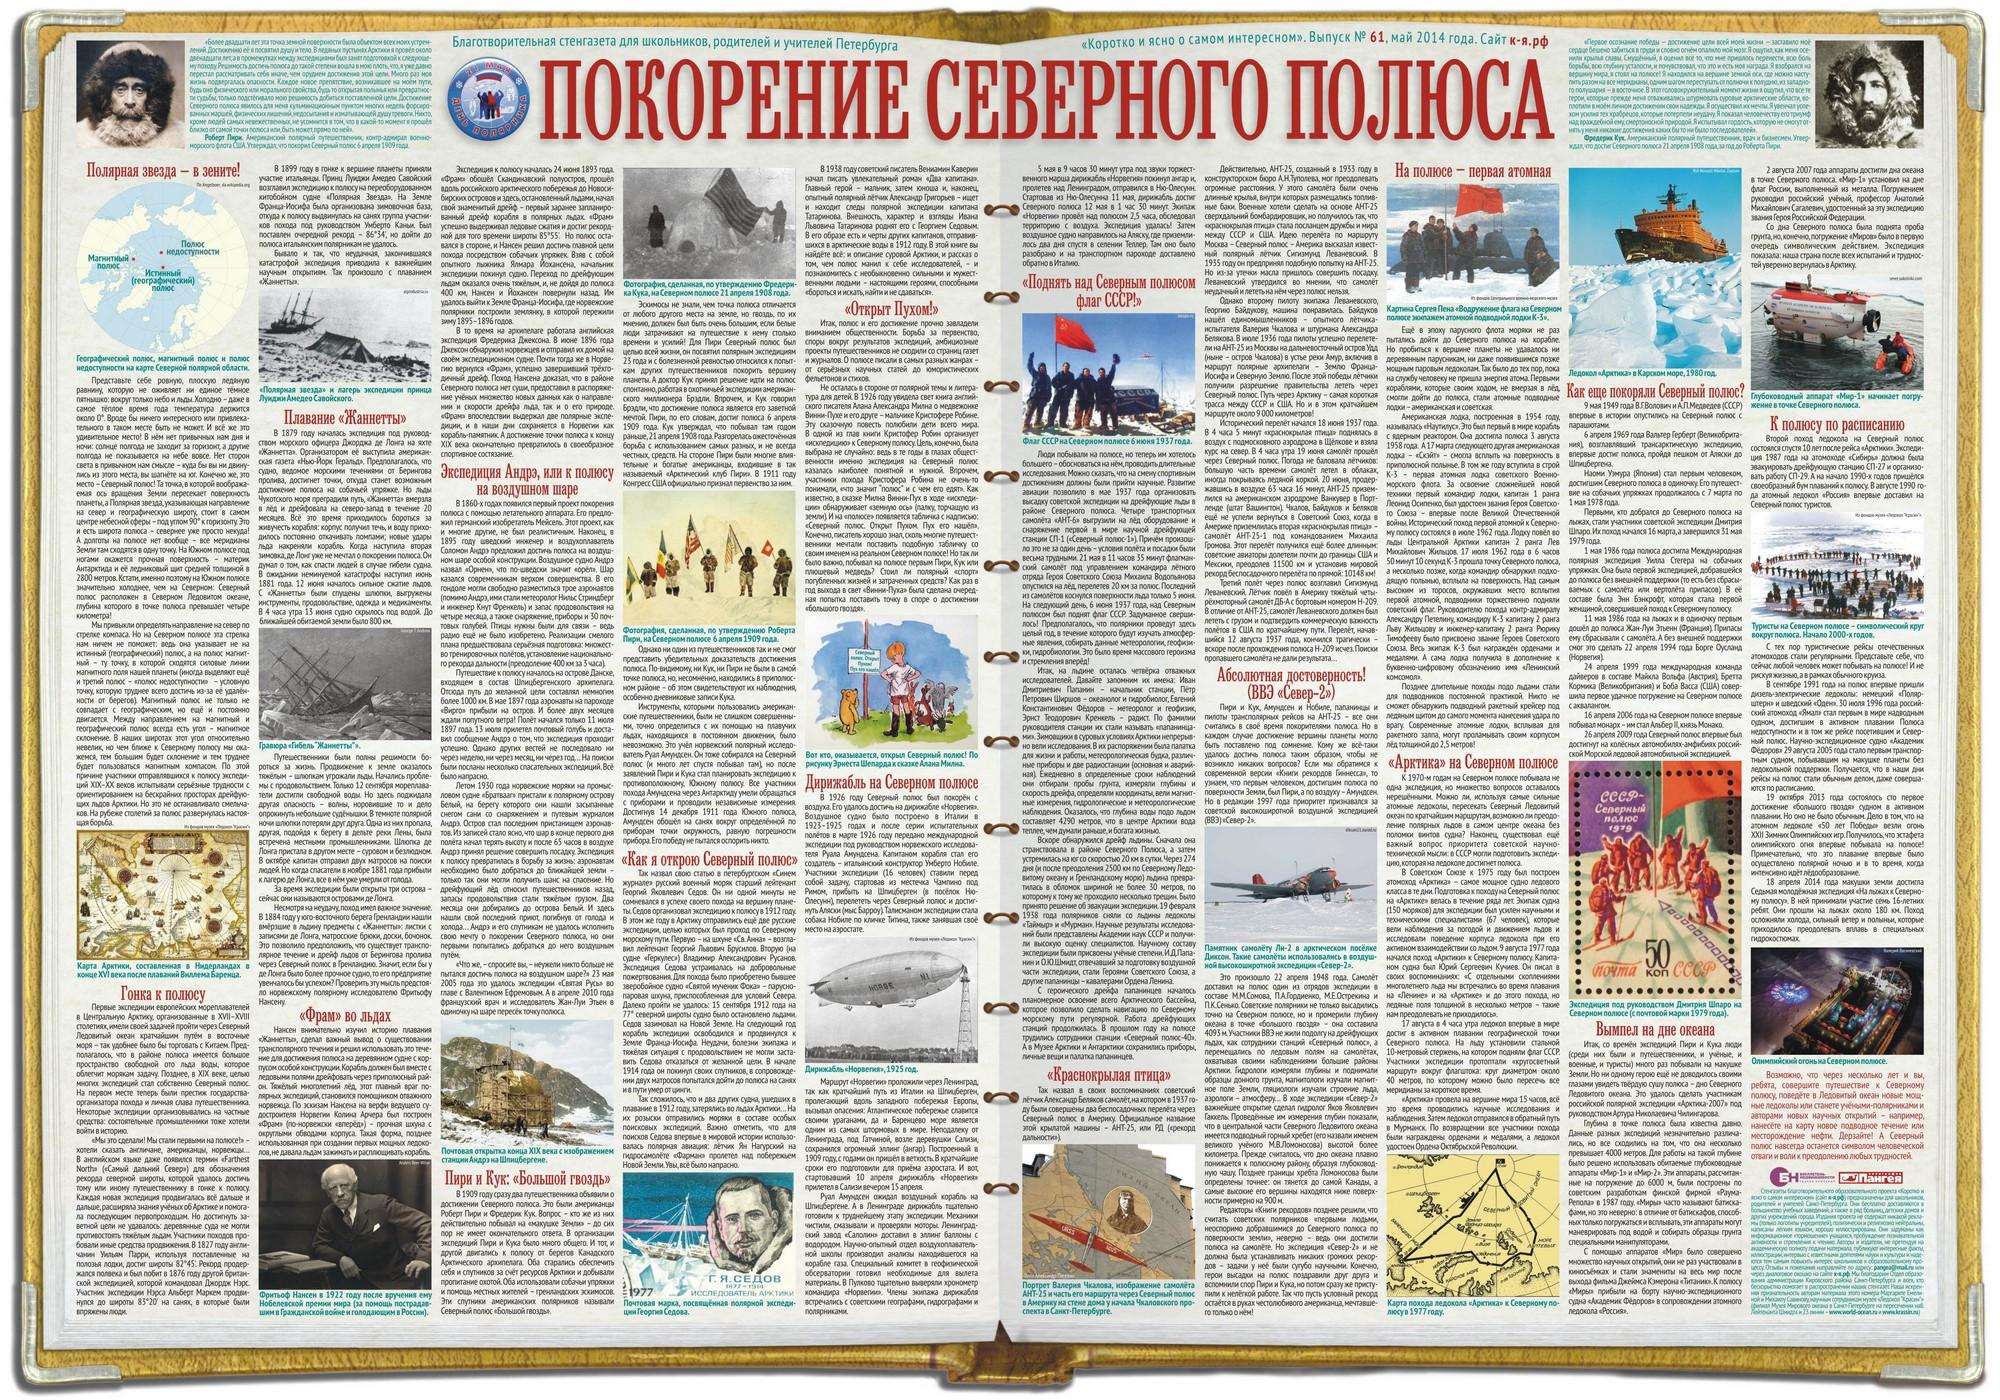 Стенгазета «Покорение Северного полюса»